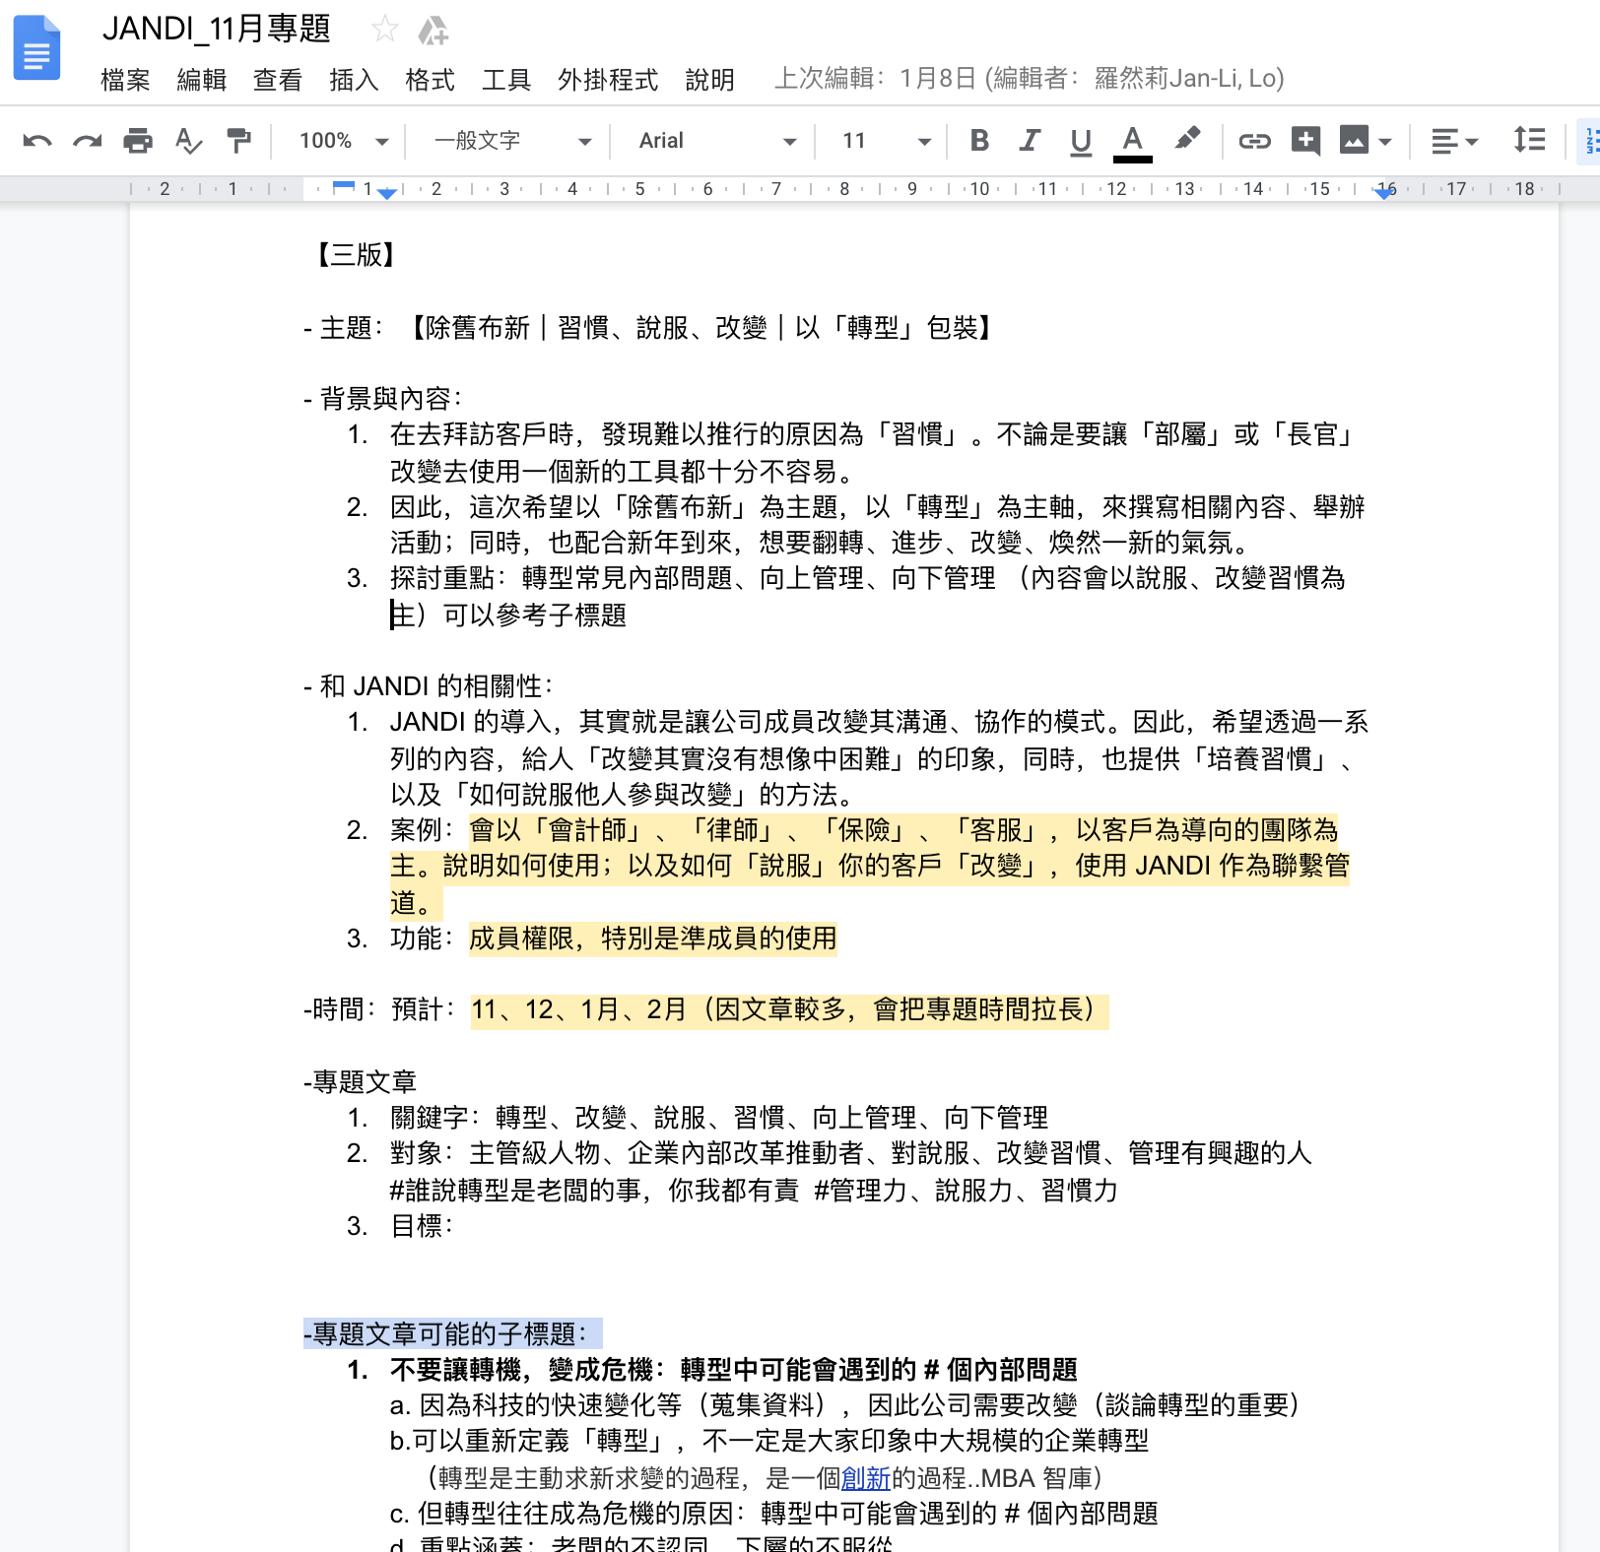 B2B 产品方法论(三):内容产出的流程?内容团队的运营、协作与 SOP